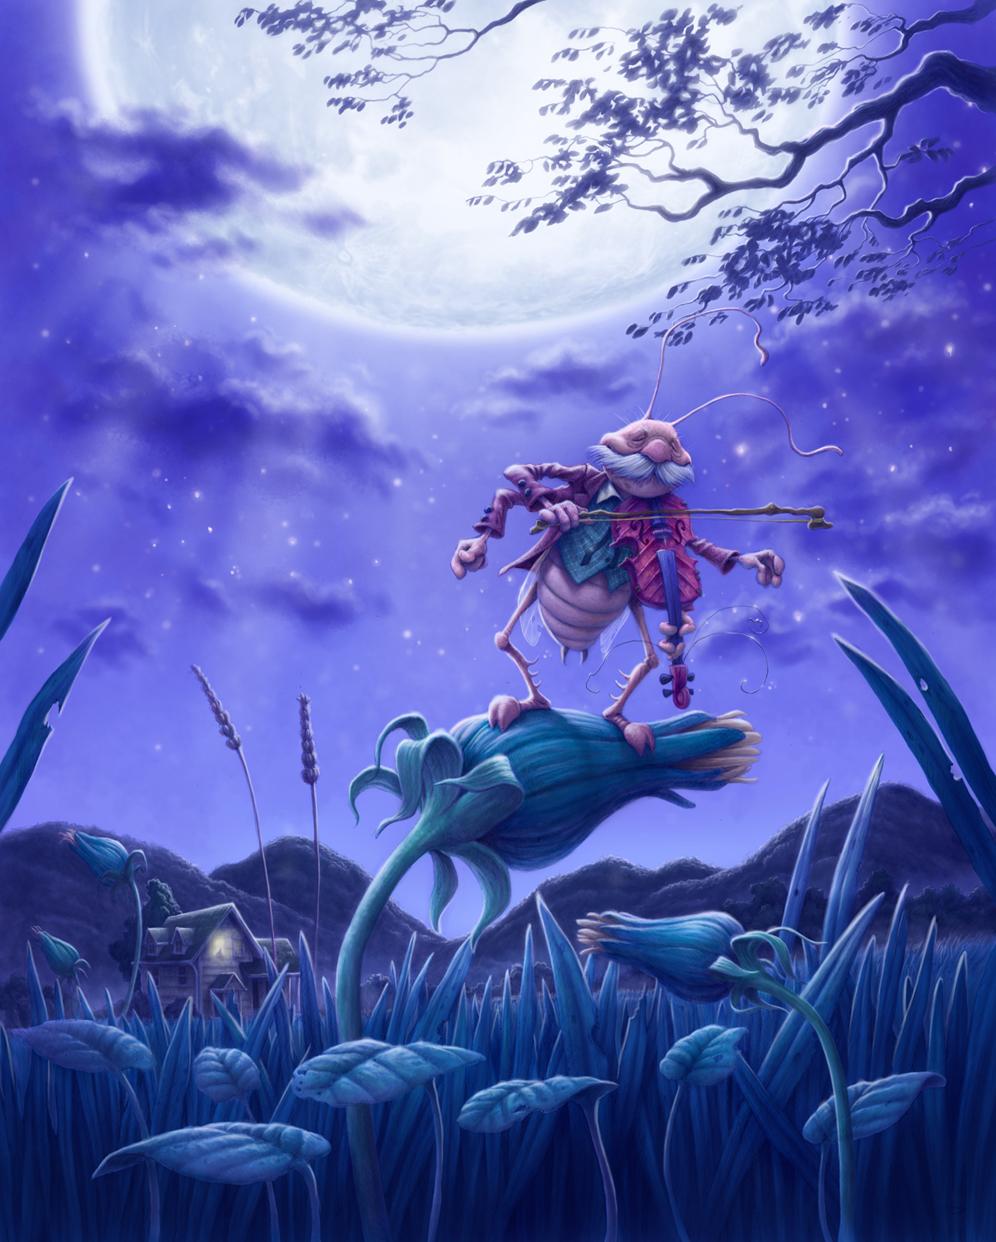 Fiddler in the Moonlight